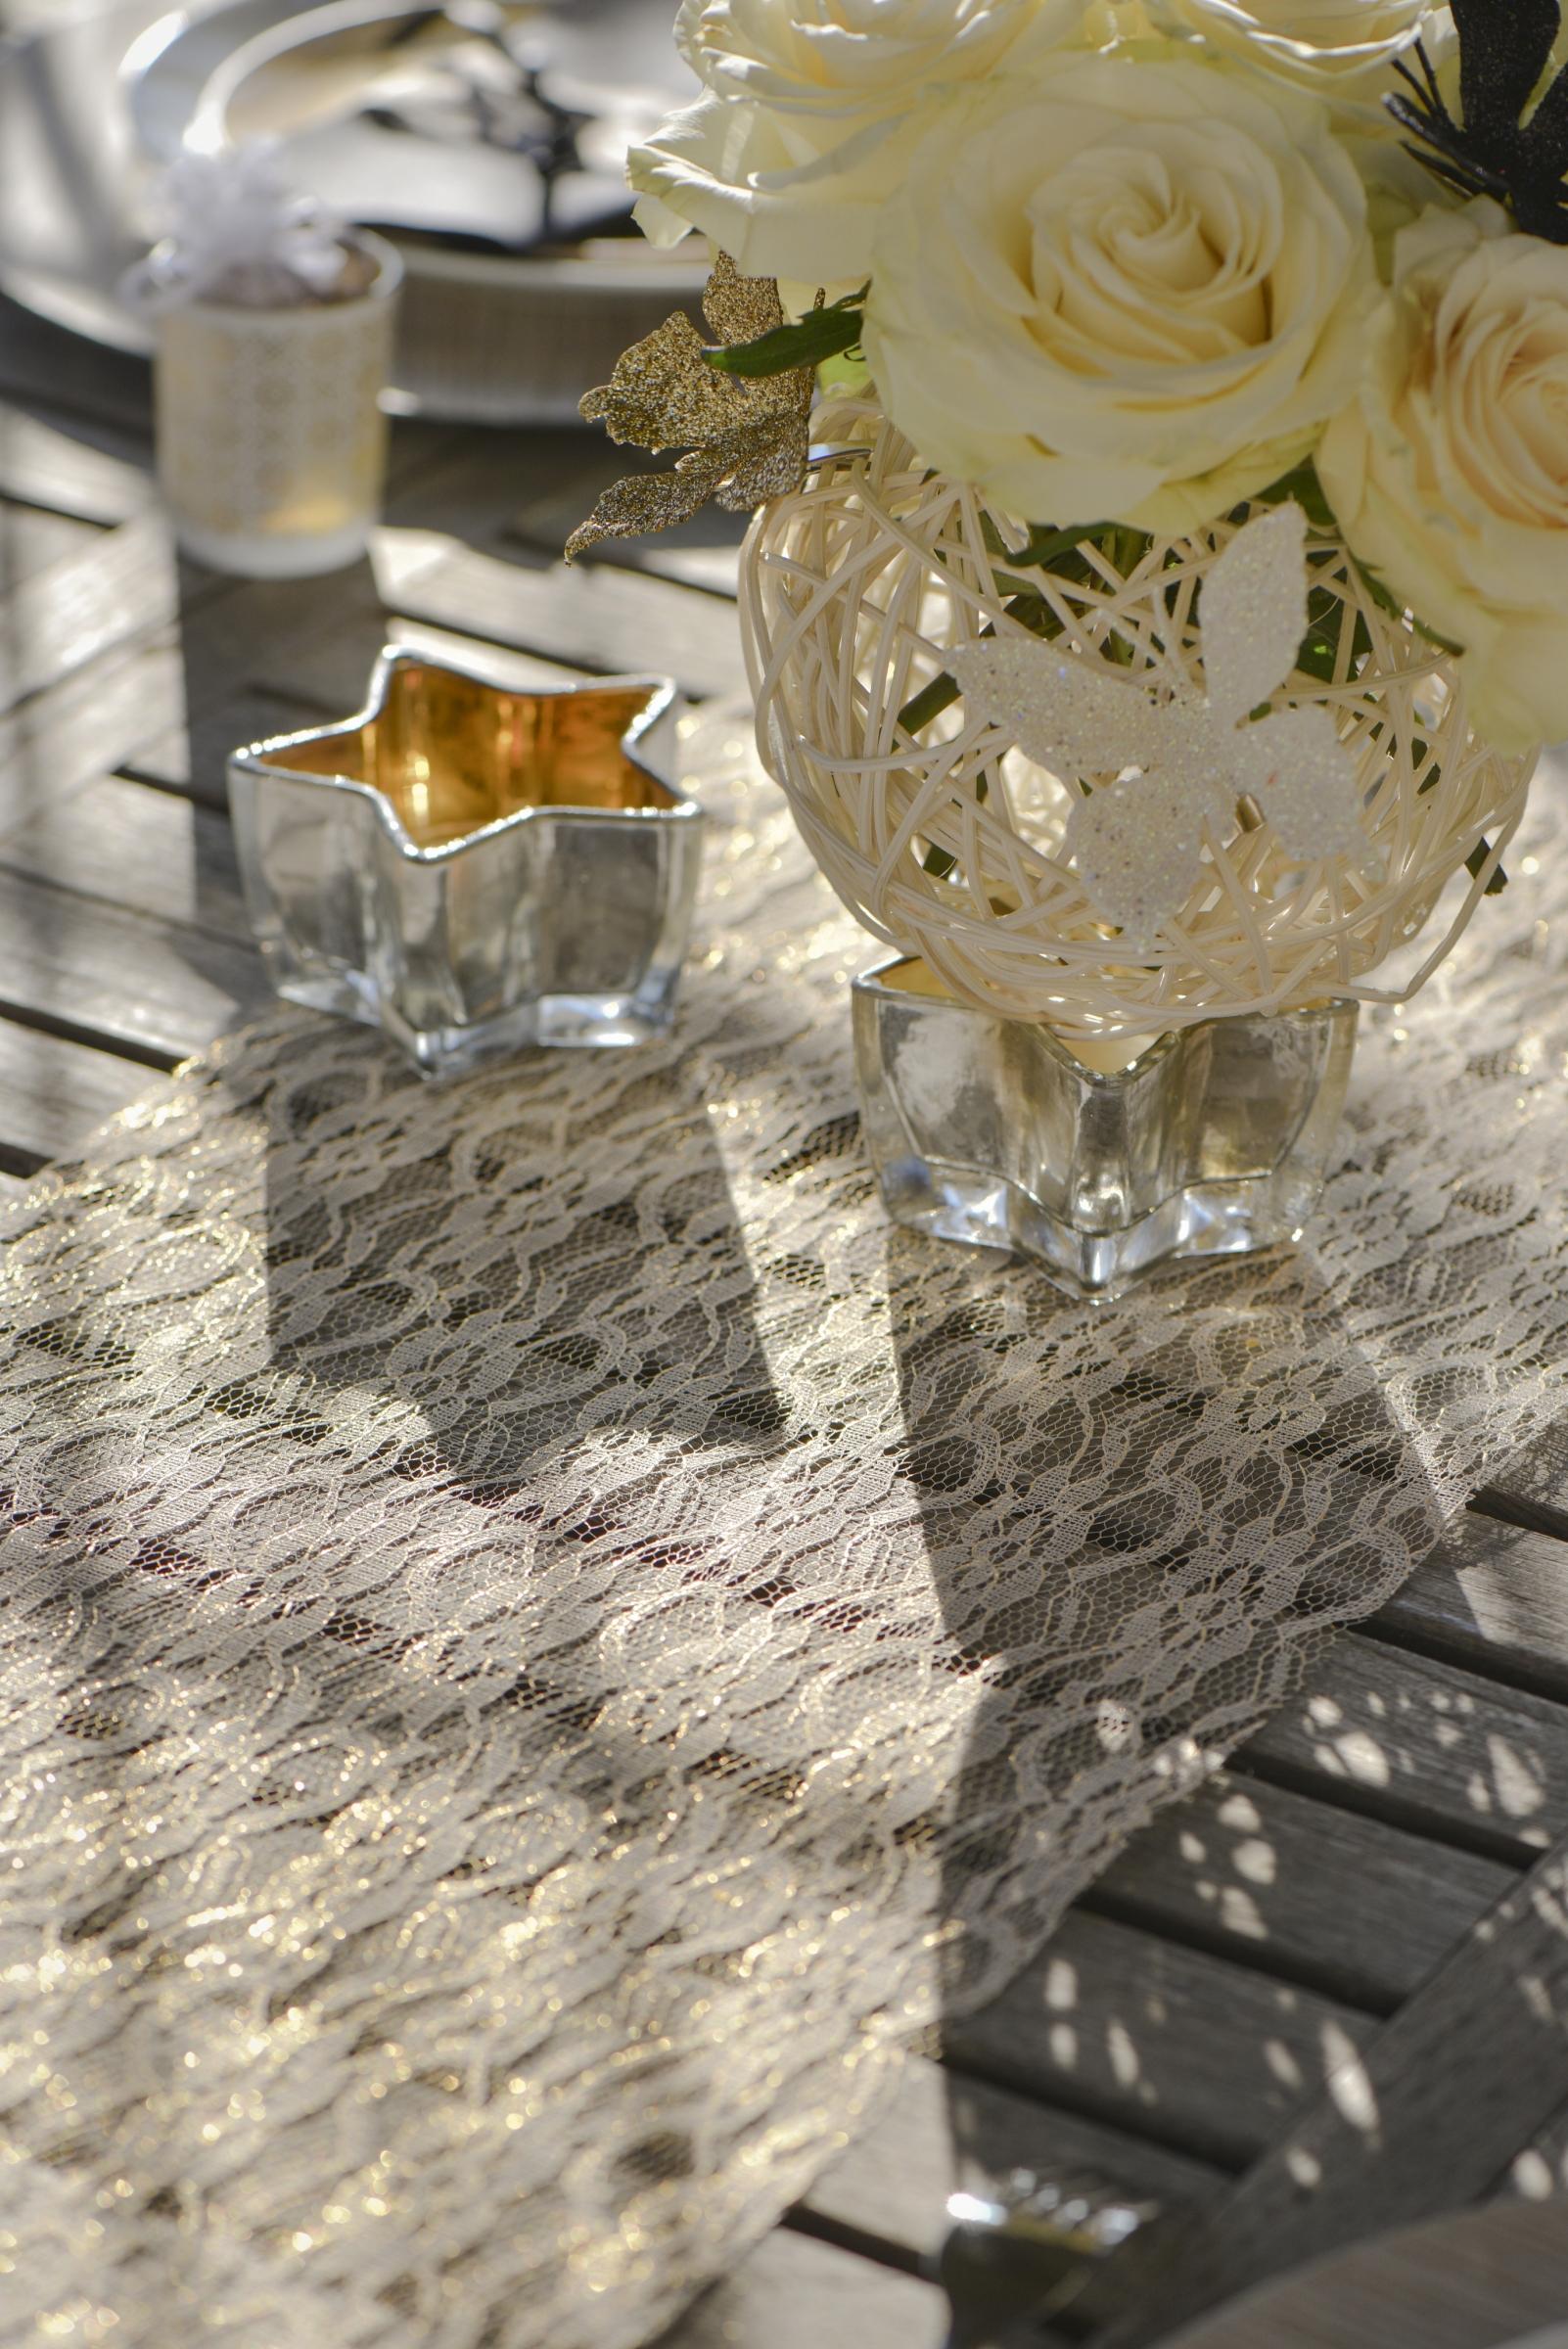 chemin de table en dentelle lurex dor 28 cm x 5 m. Black Bedroom Furniture Sets. Home Design Ideas